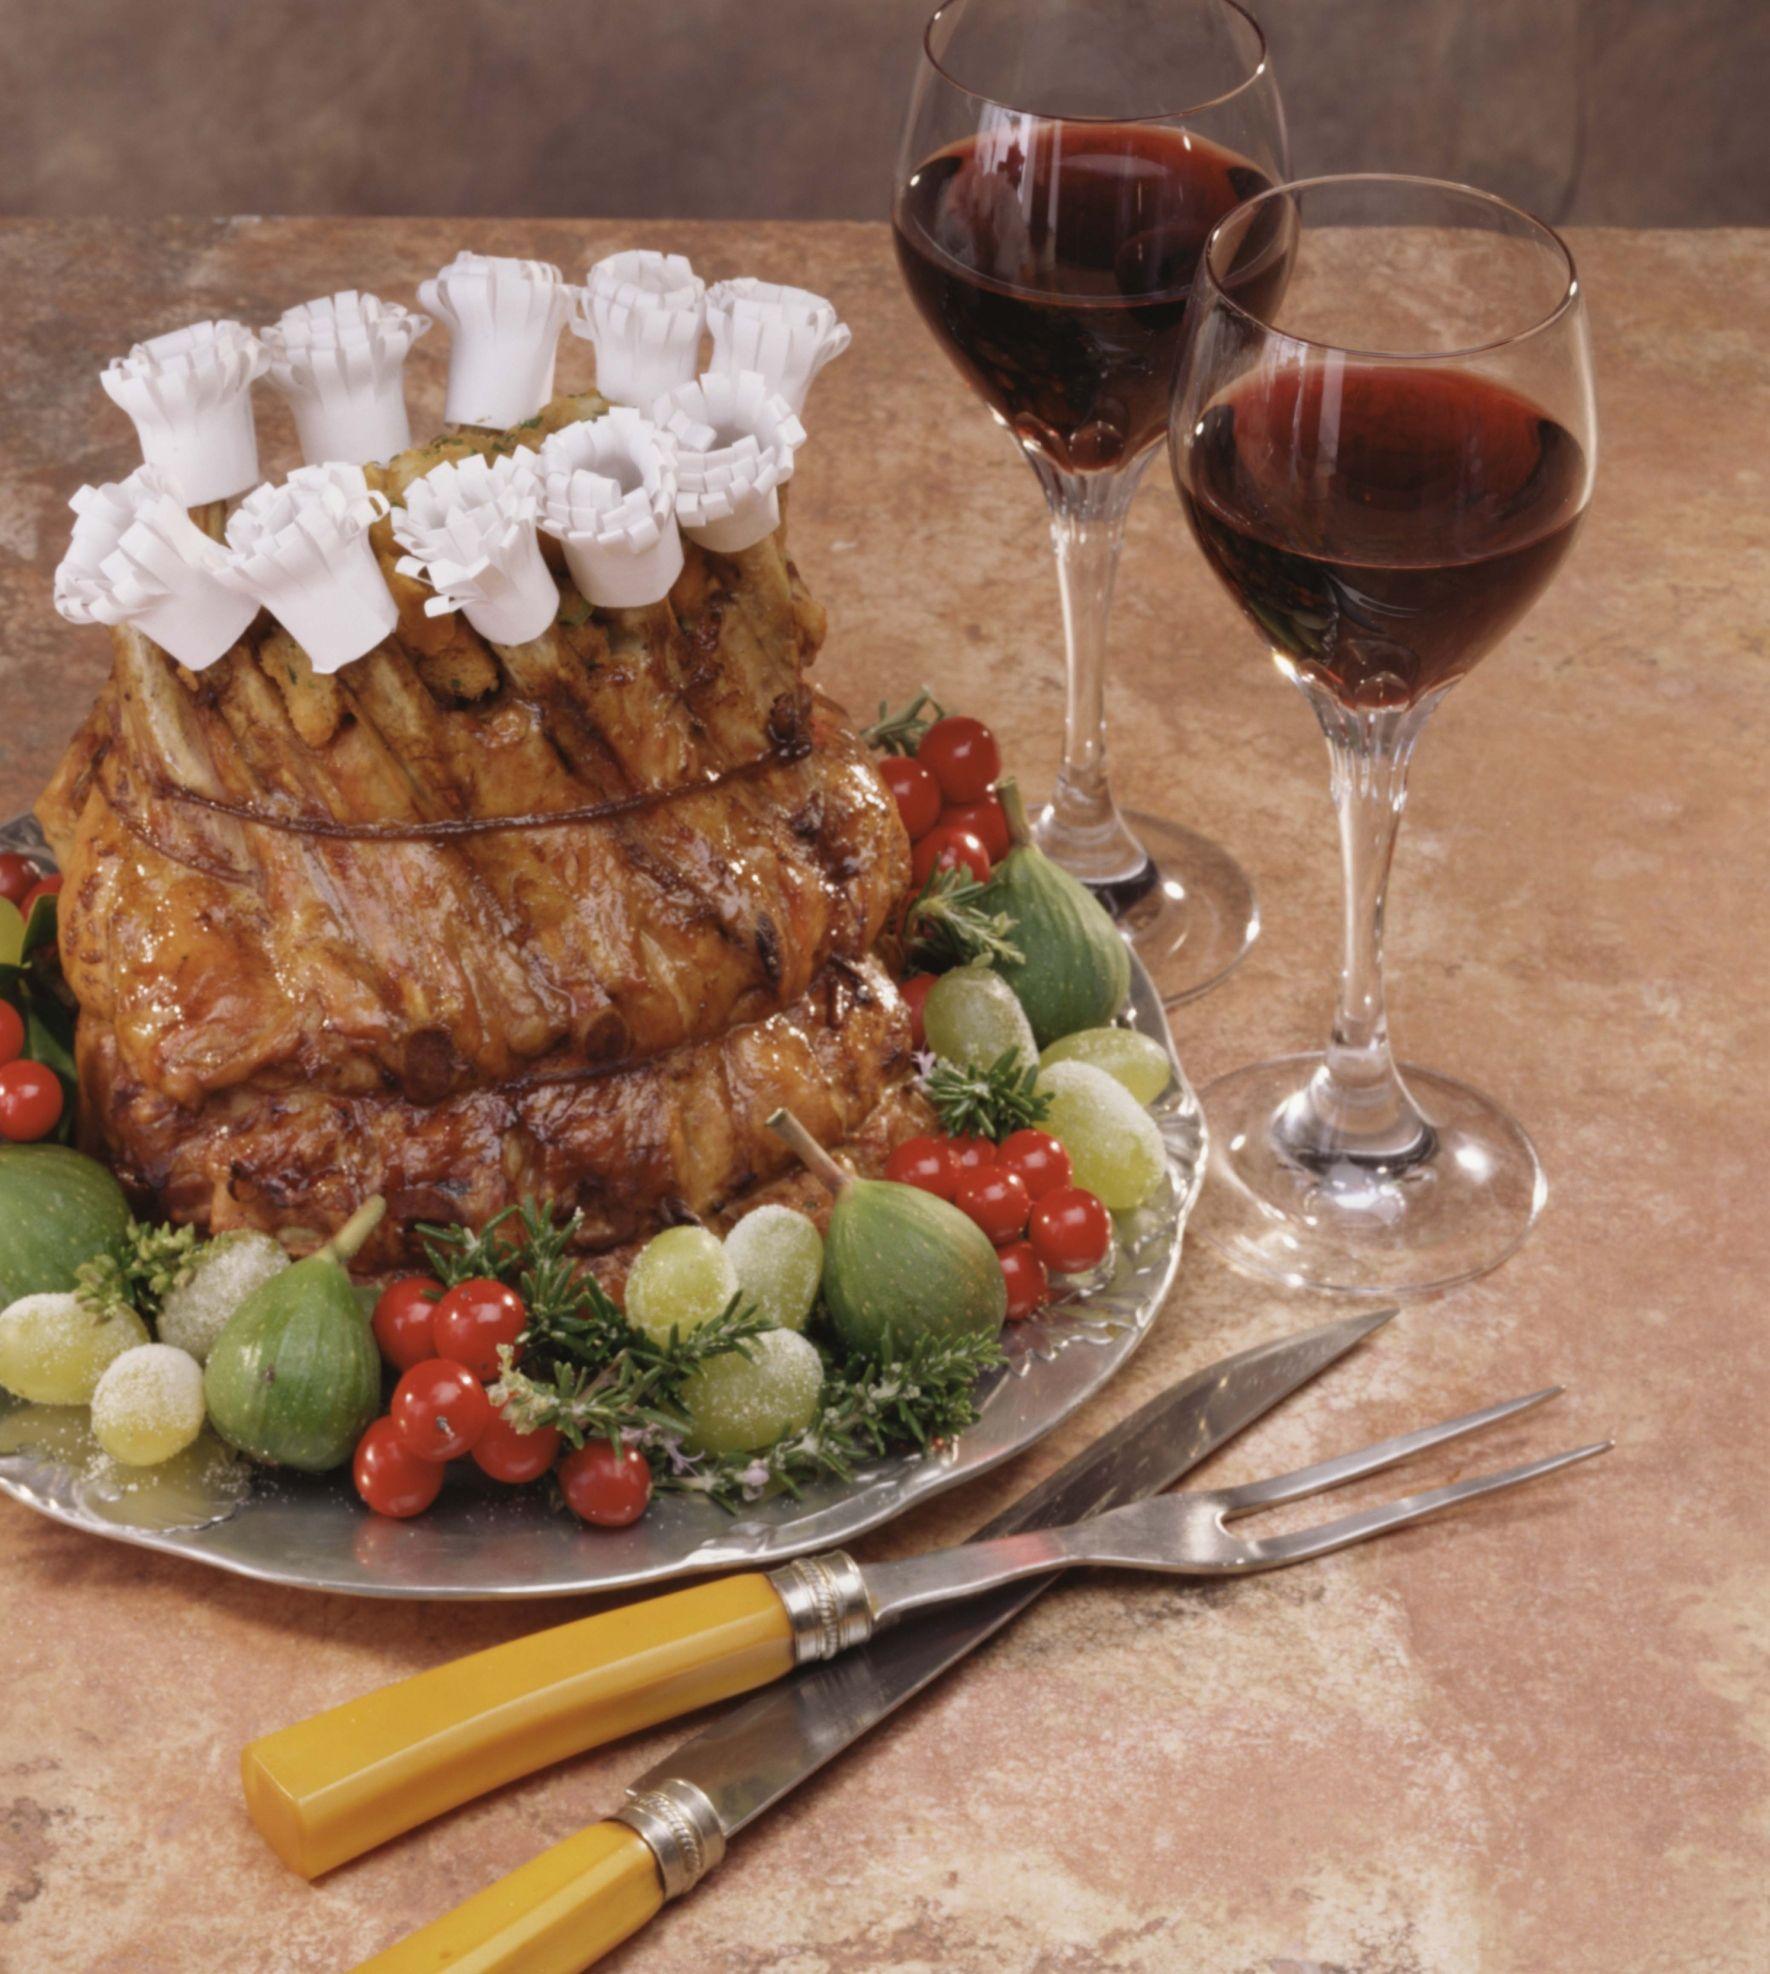 Cómo hacer una corona de costillar de cerdo asada con relleno y arándanos